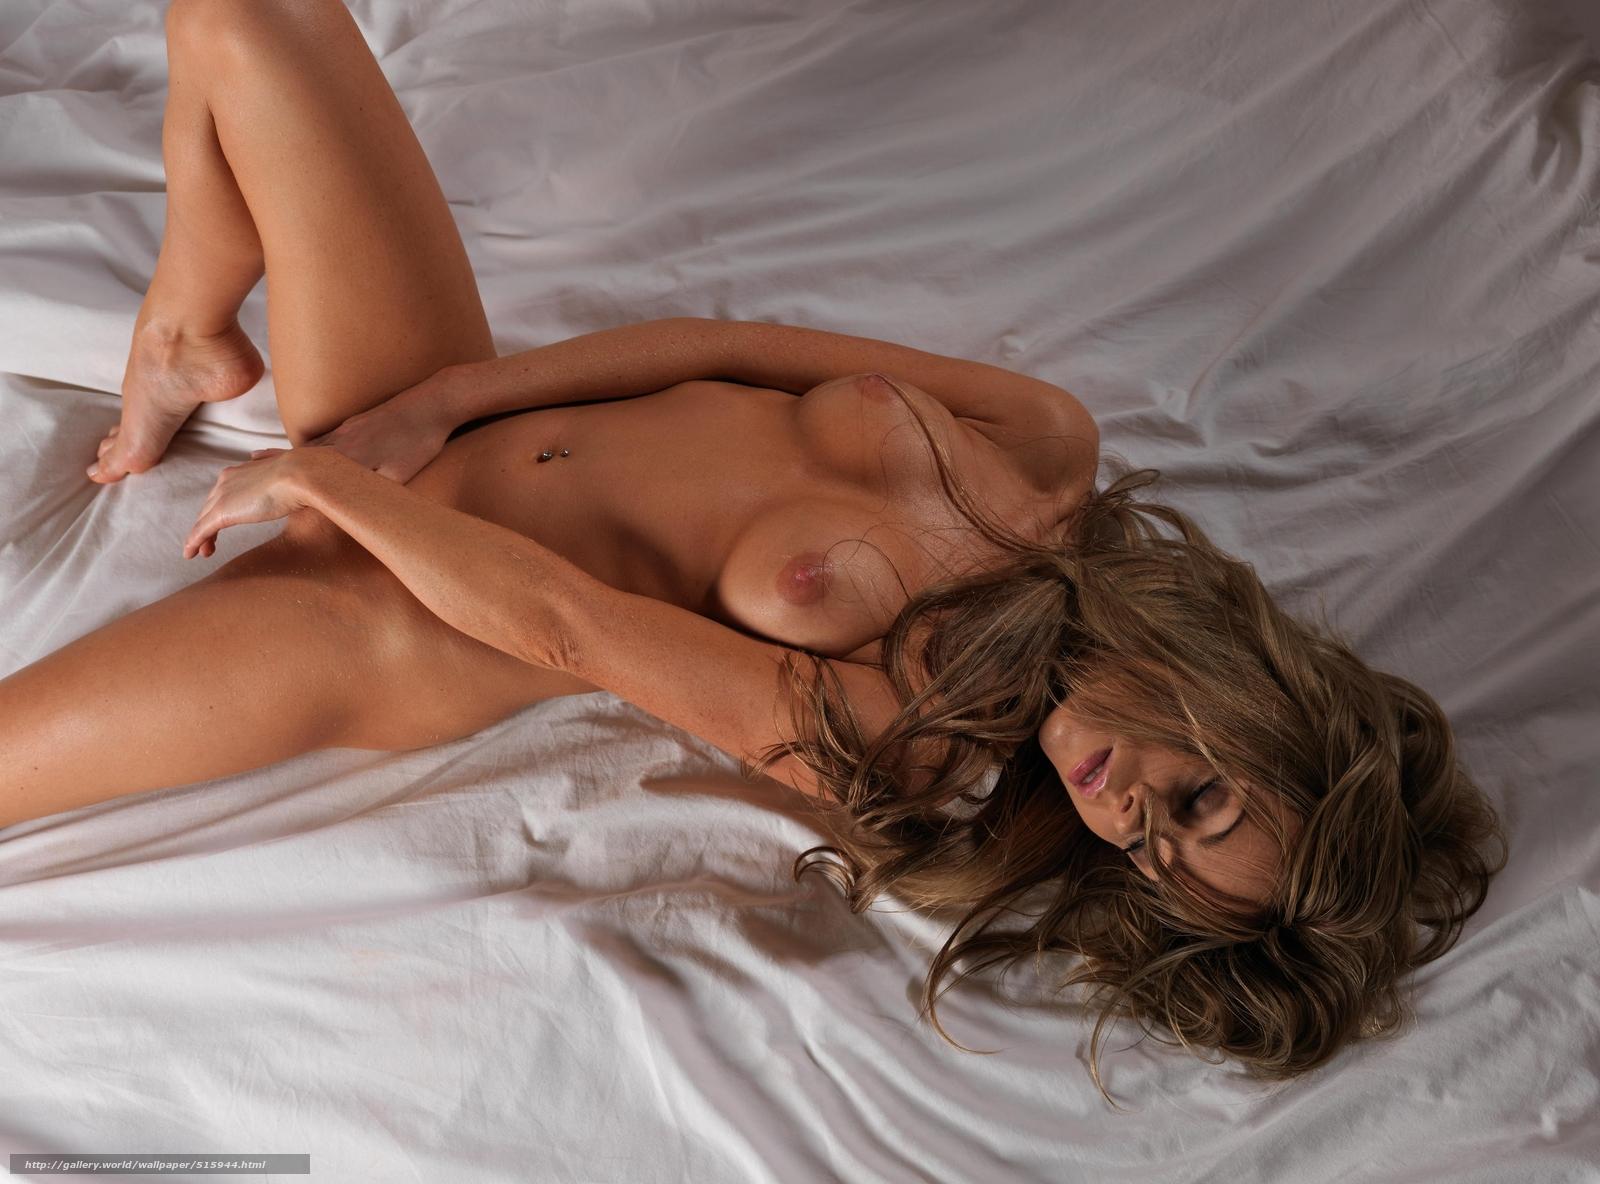 Сидит на кровати голая 20 фотография